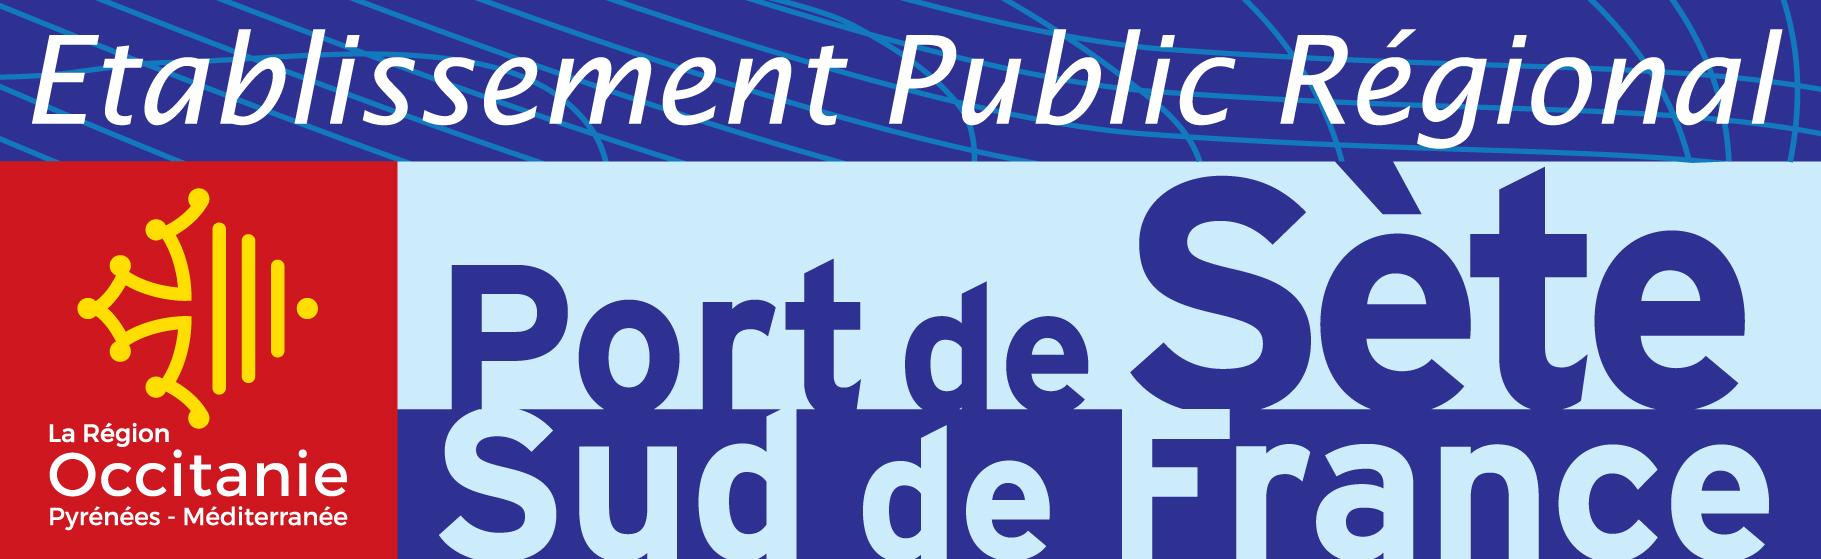 Logo Port de Viennes Sud